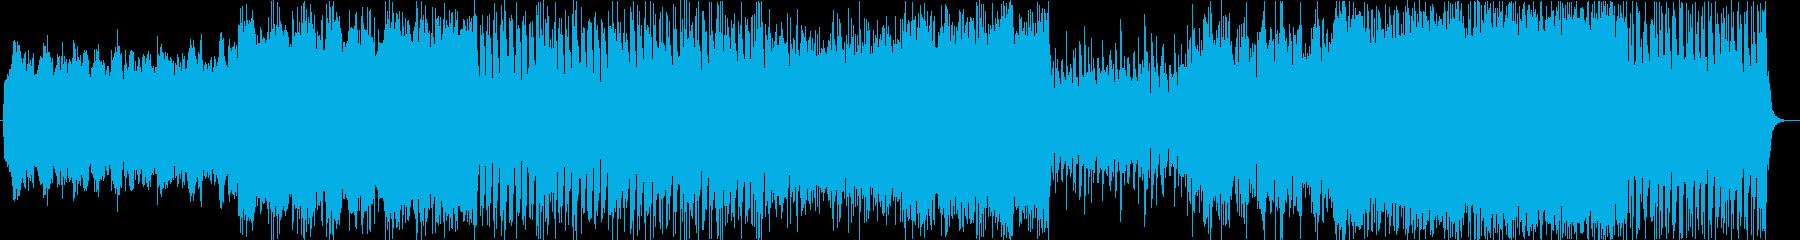 壮大なアクションシネマティックサウンドの再生済みの波形